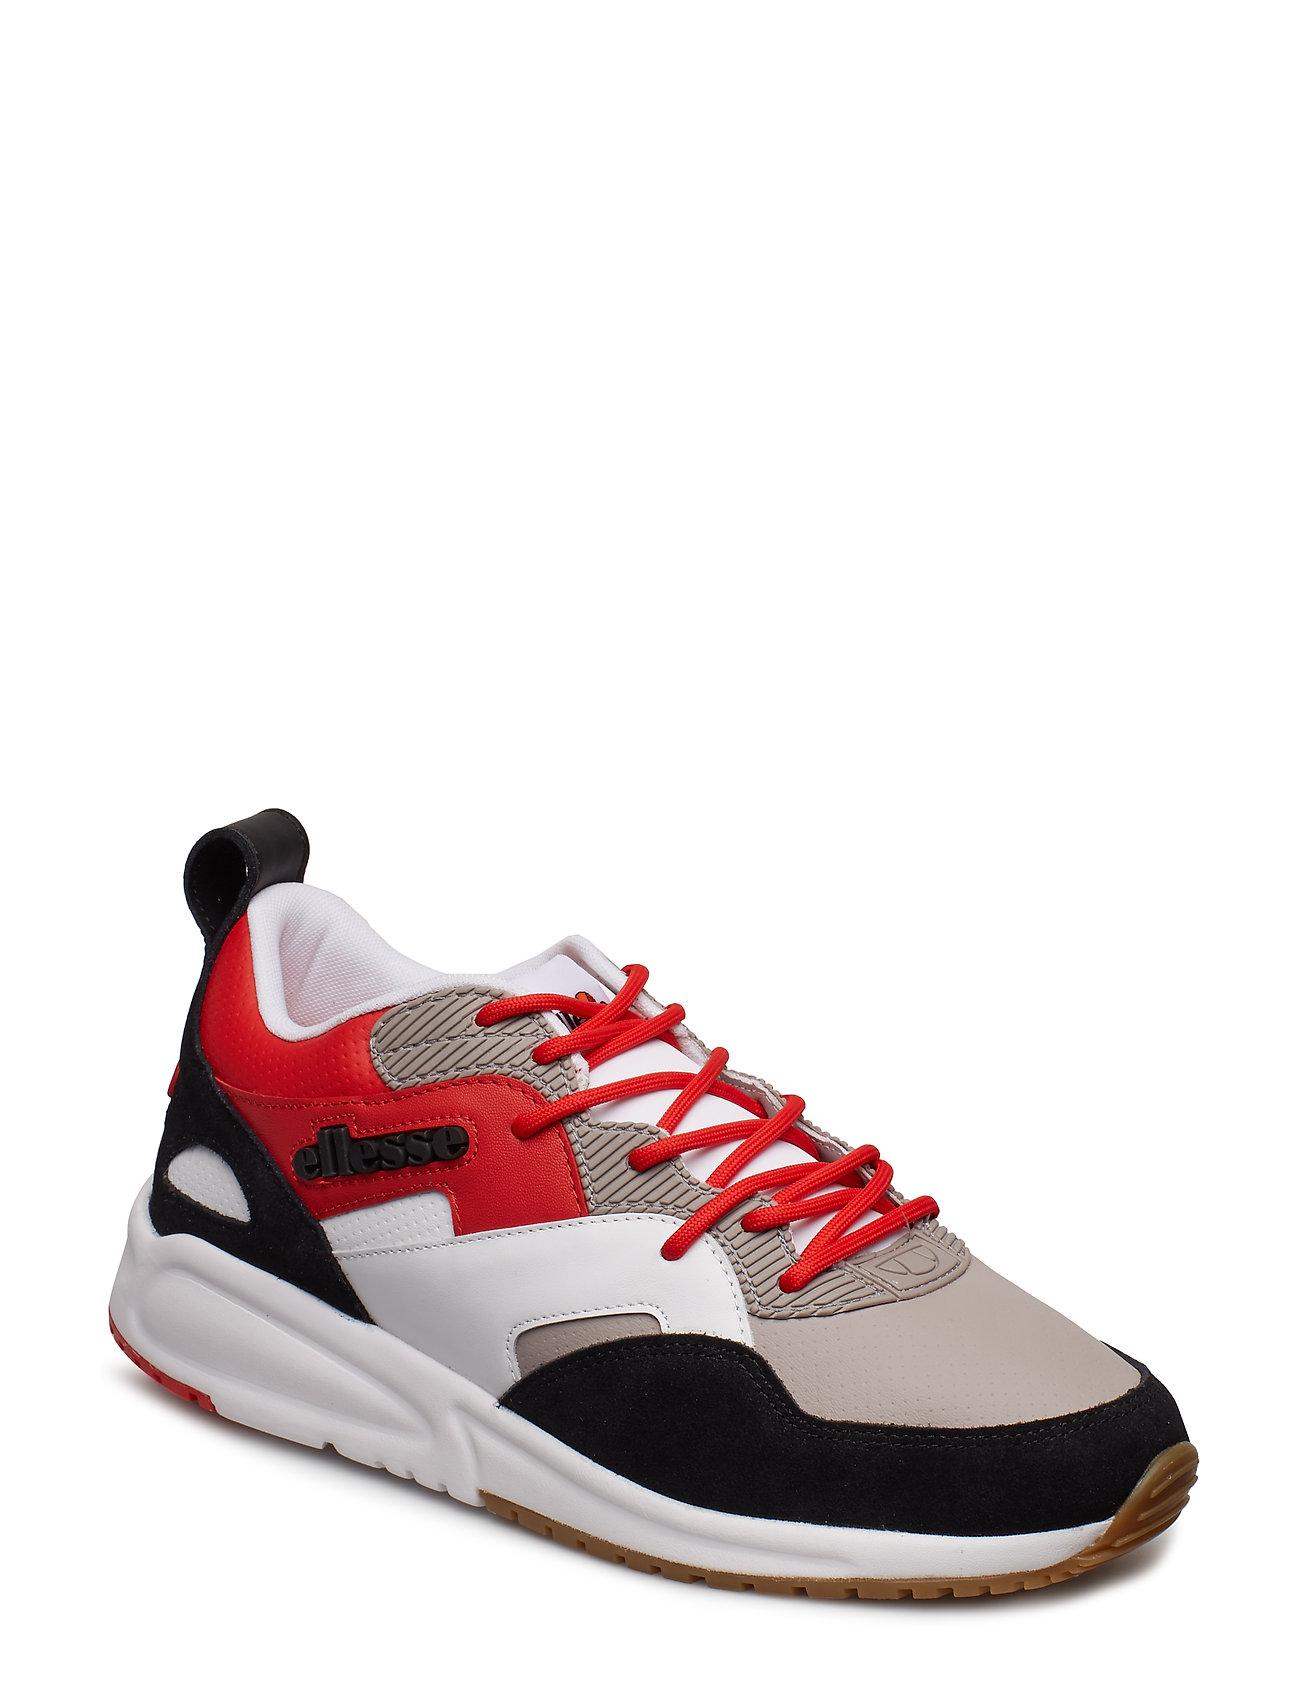 Image of El Potenza Black/Multi Low-top Sneakers Multi/mønstret ELLESSE (3142010675)